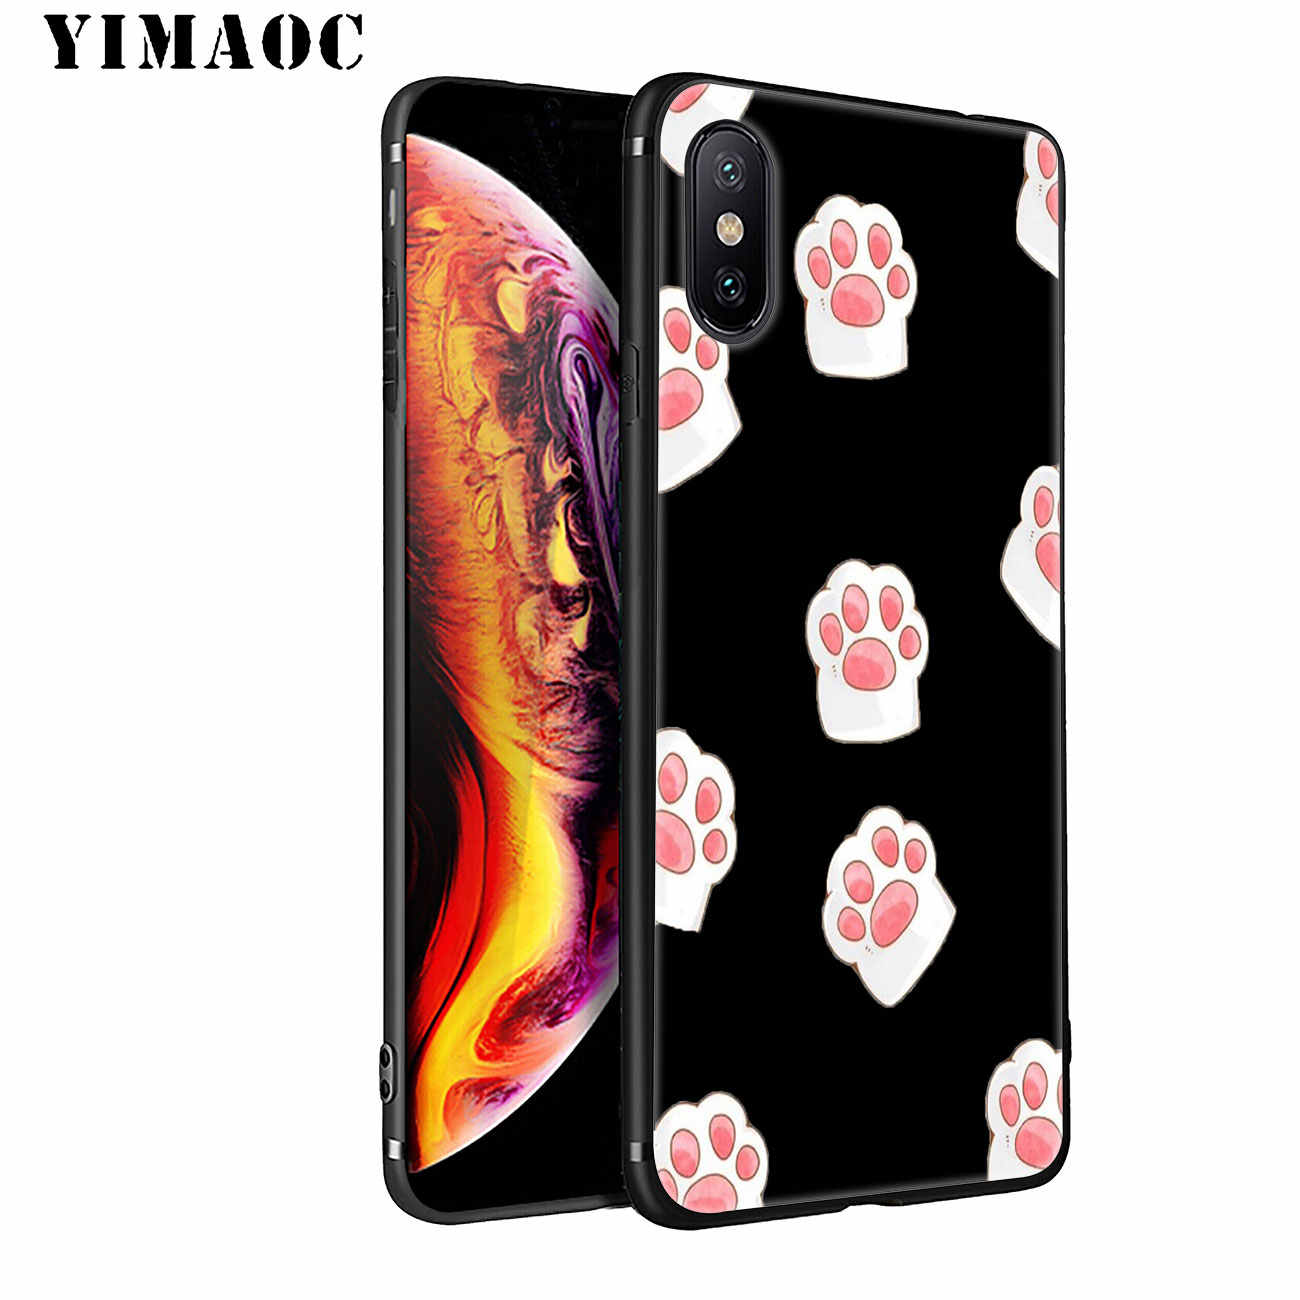 YIMAOC Paw สุนัข Husky pug น่ารักซิลิโคนสำหรับ iPhone 11 Pro XS Max XR X 6 6S 7 8 Plus 5 5S SE 10 TPU ฝาครอบสีดำ